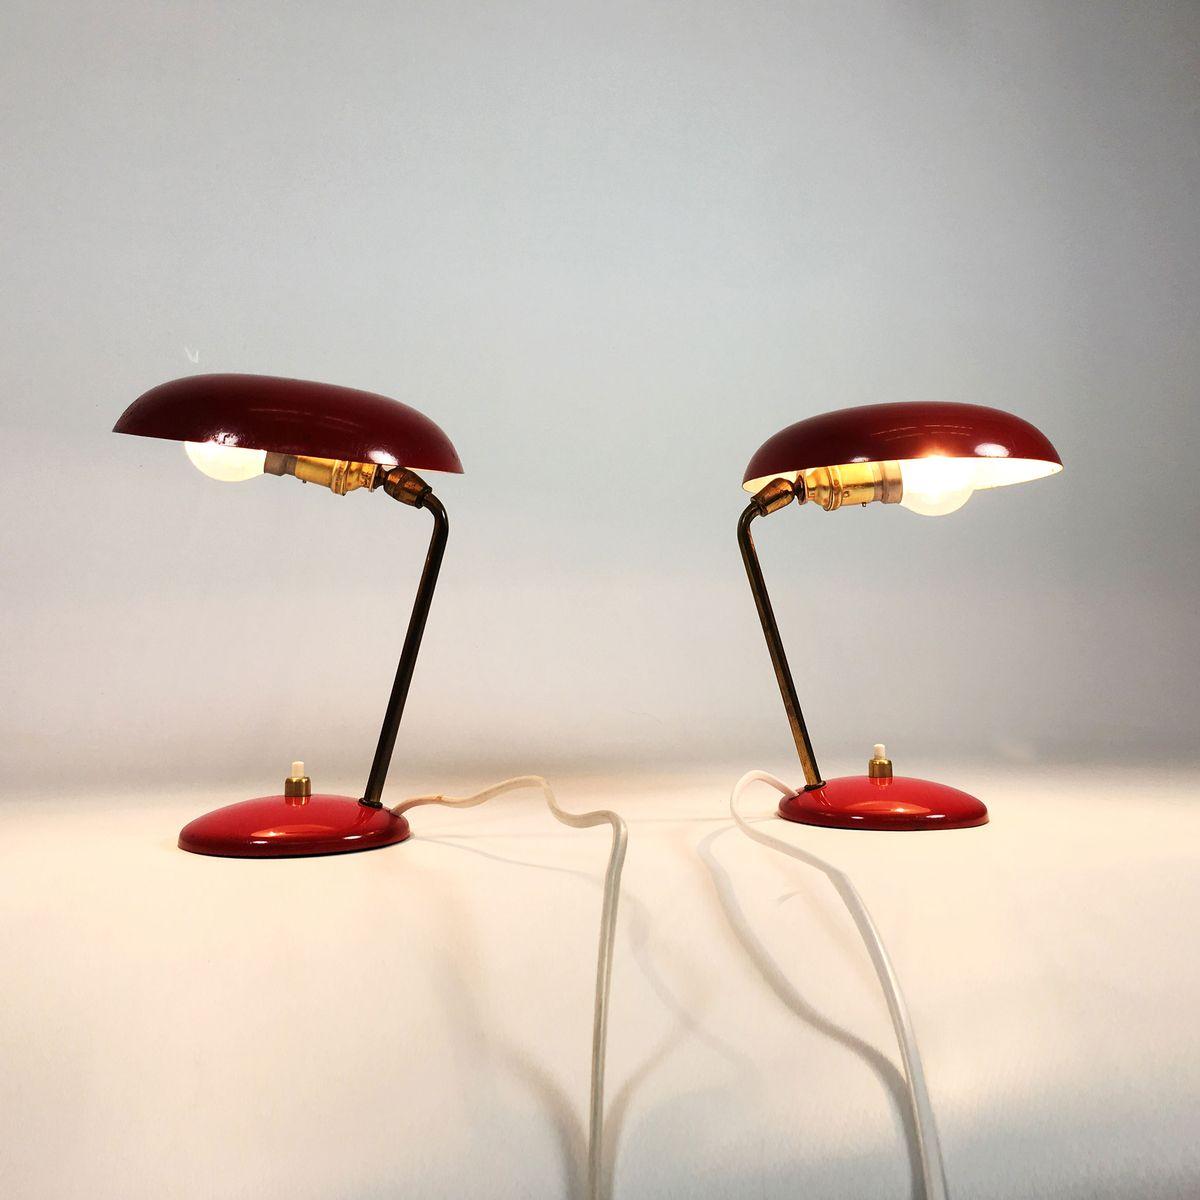 Rote franz sische lampen 1950er 2er set bei pamono kaufen for Lampen niederlande